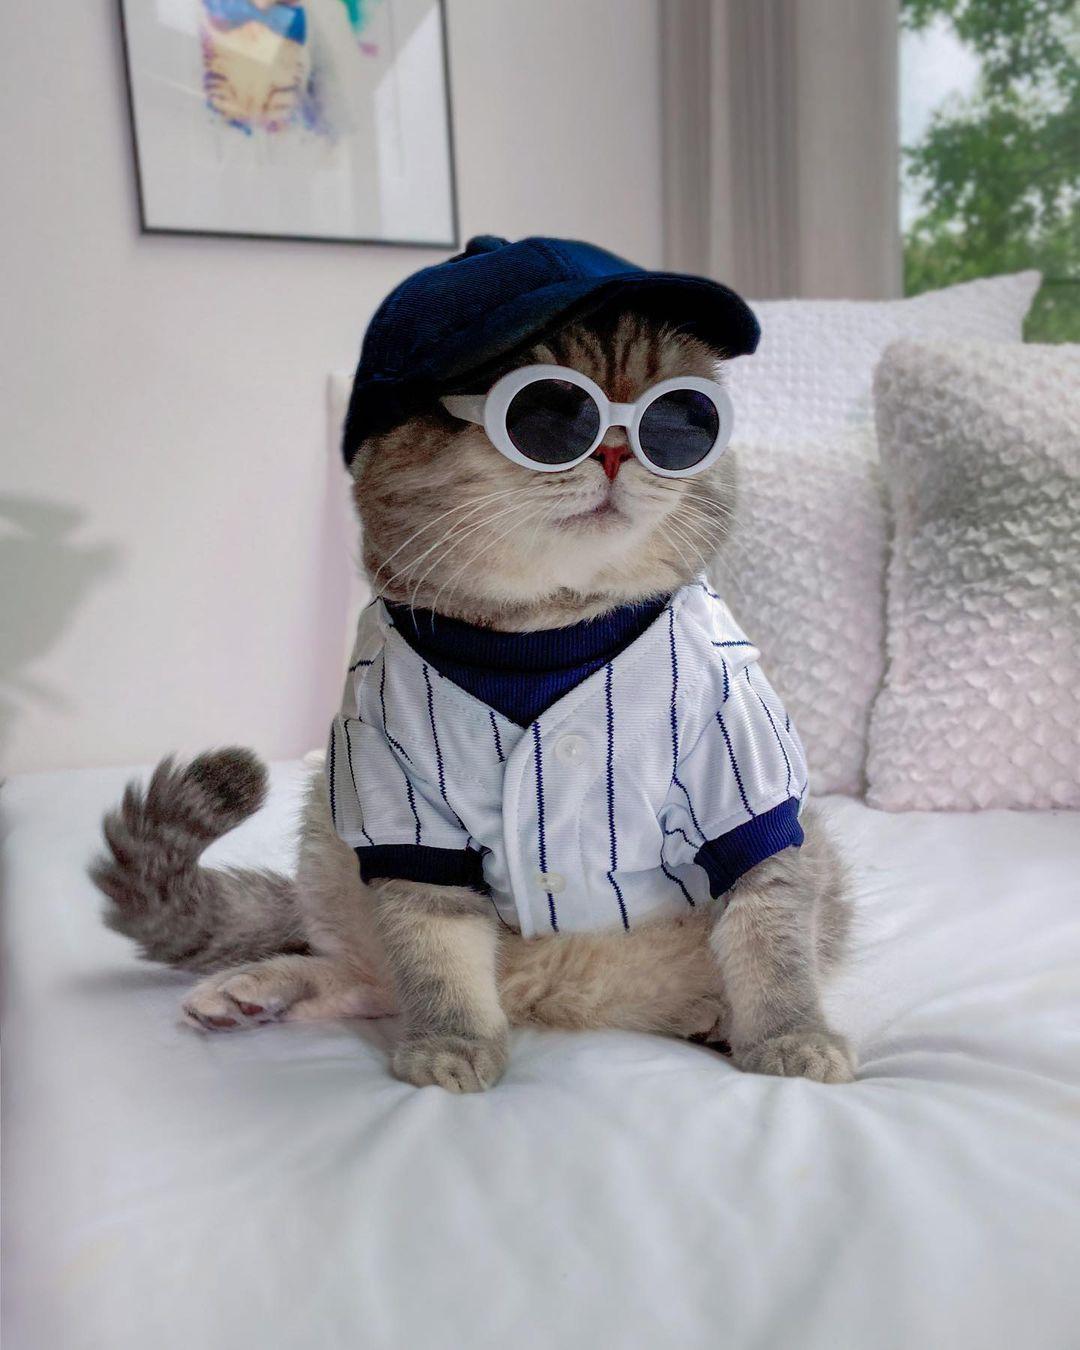 Kính râm và mũ là hai phụ kiện ưa chuộng của Benson. Trong ảnh, chú mèo gây ấn tượng với bộ đồ vận động viên bóng chày chuyên nghiệp.